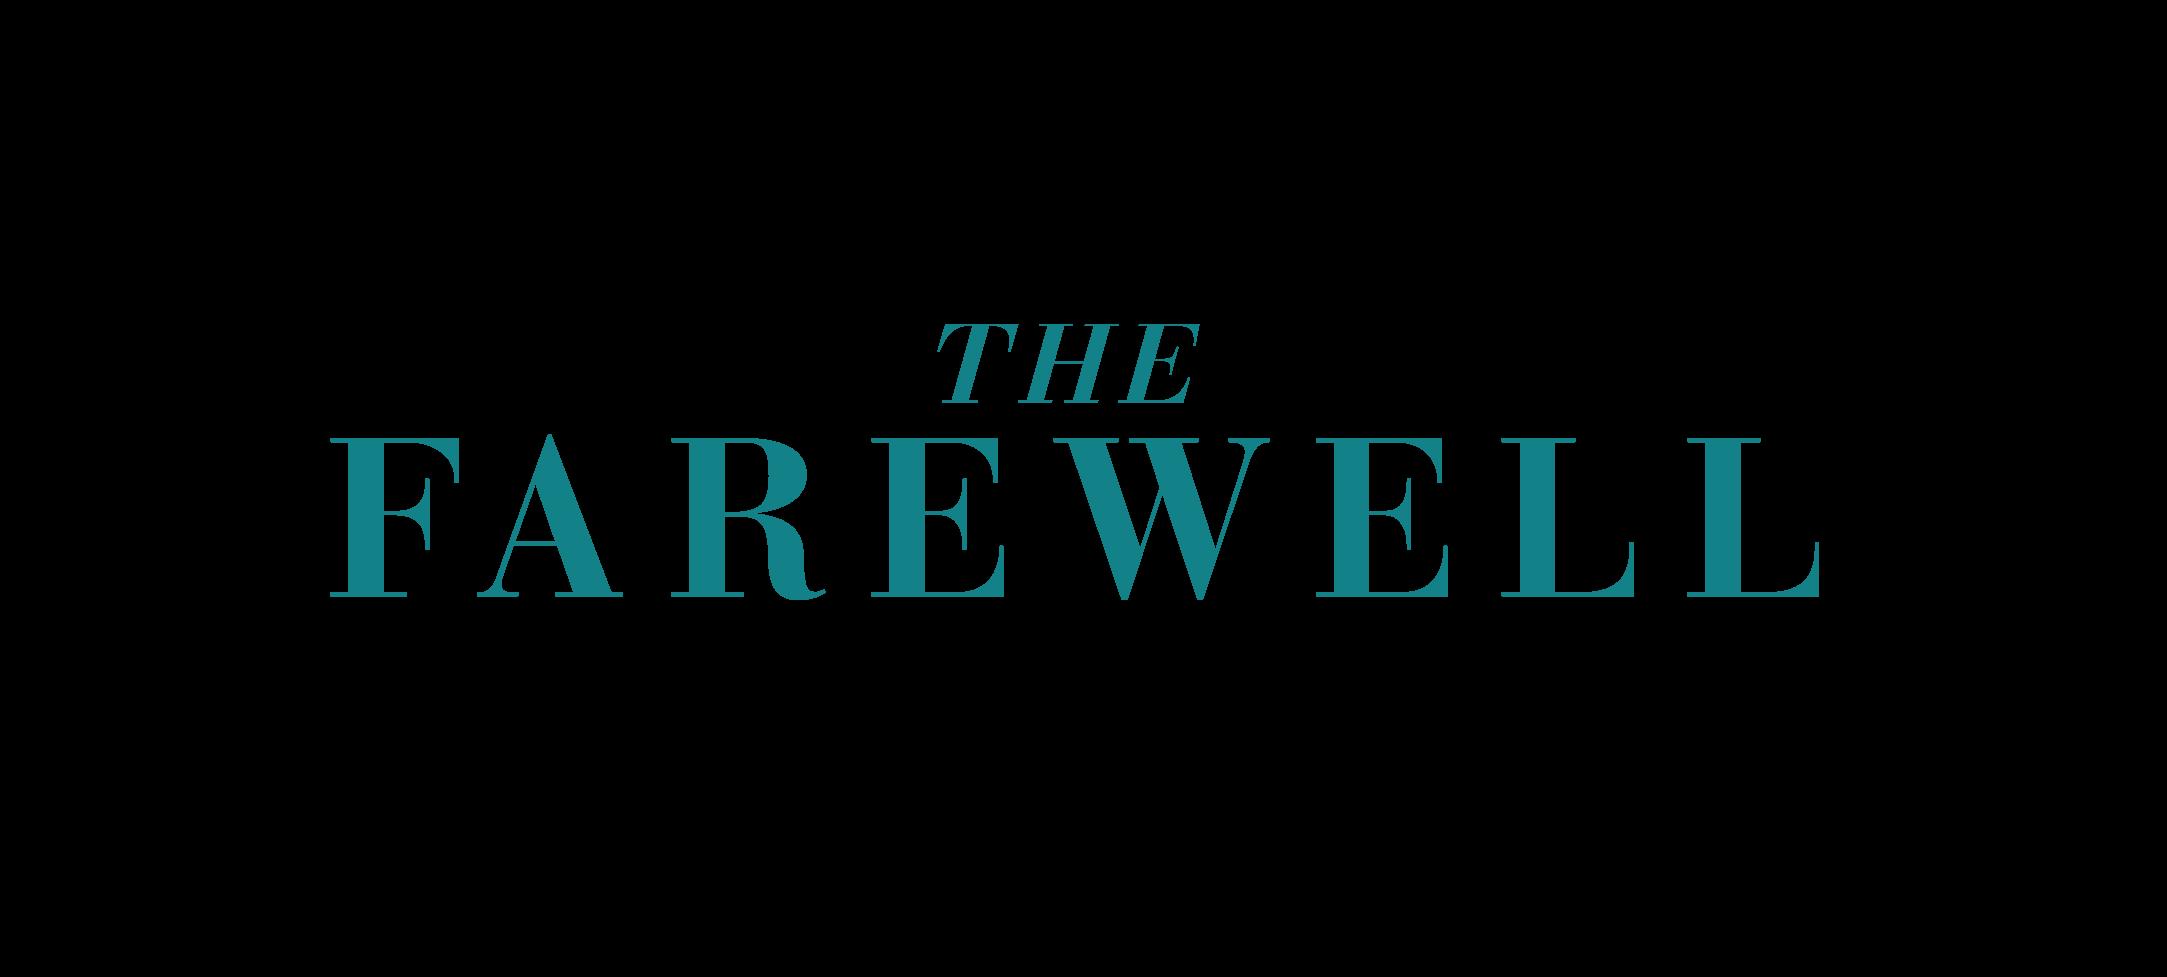 The Farewell logo